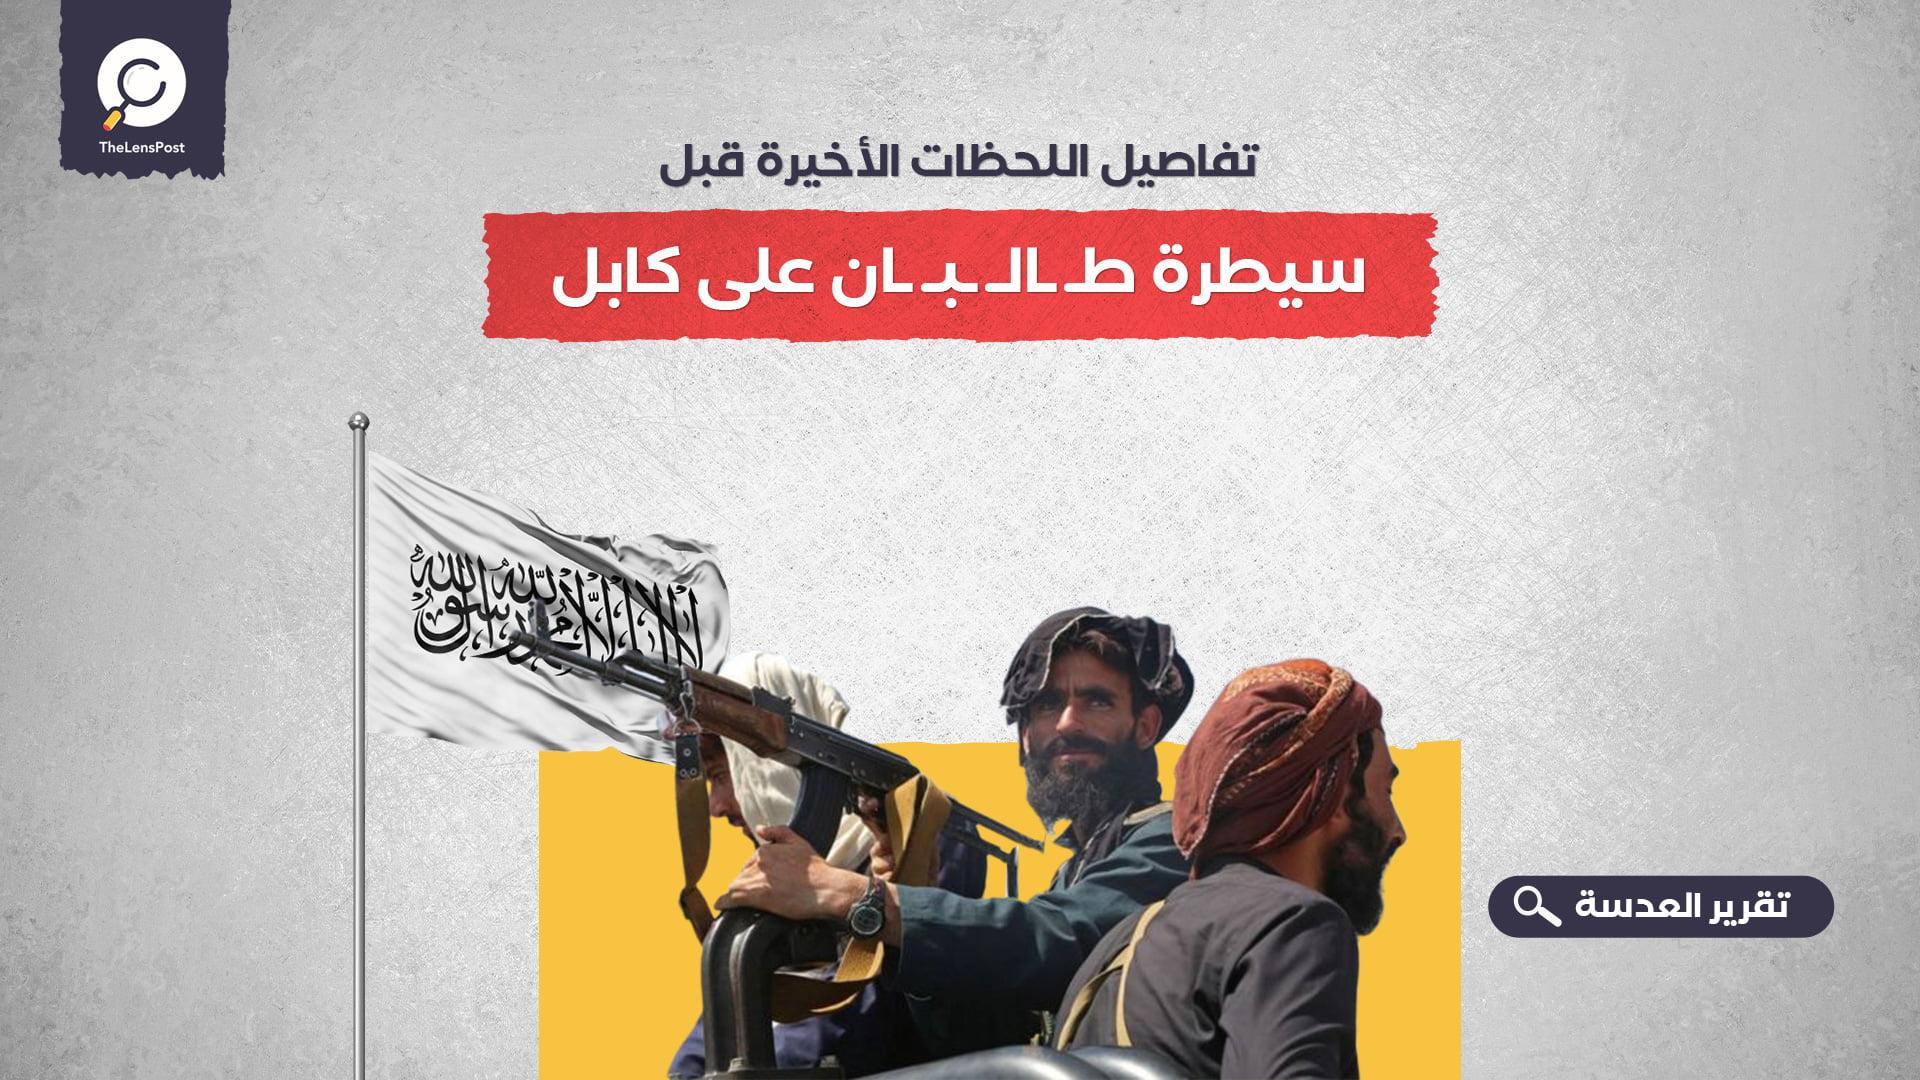 تفاصيل اللحظات الأخيرة قبل سيطرة طالبان على كابل